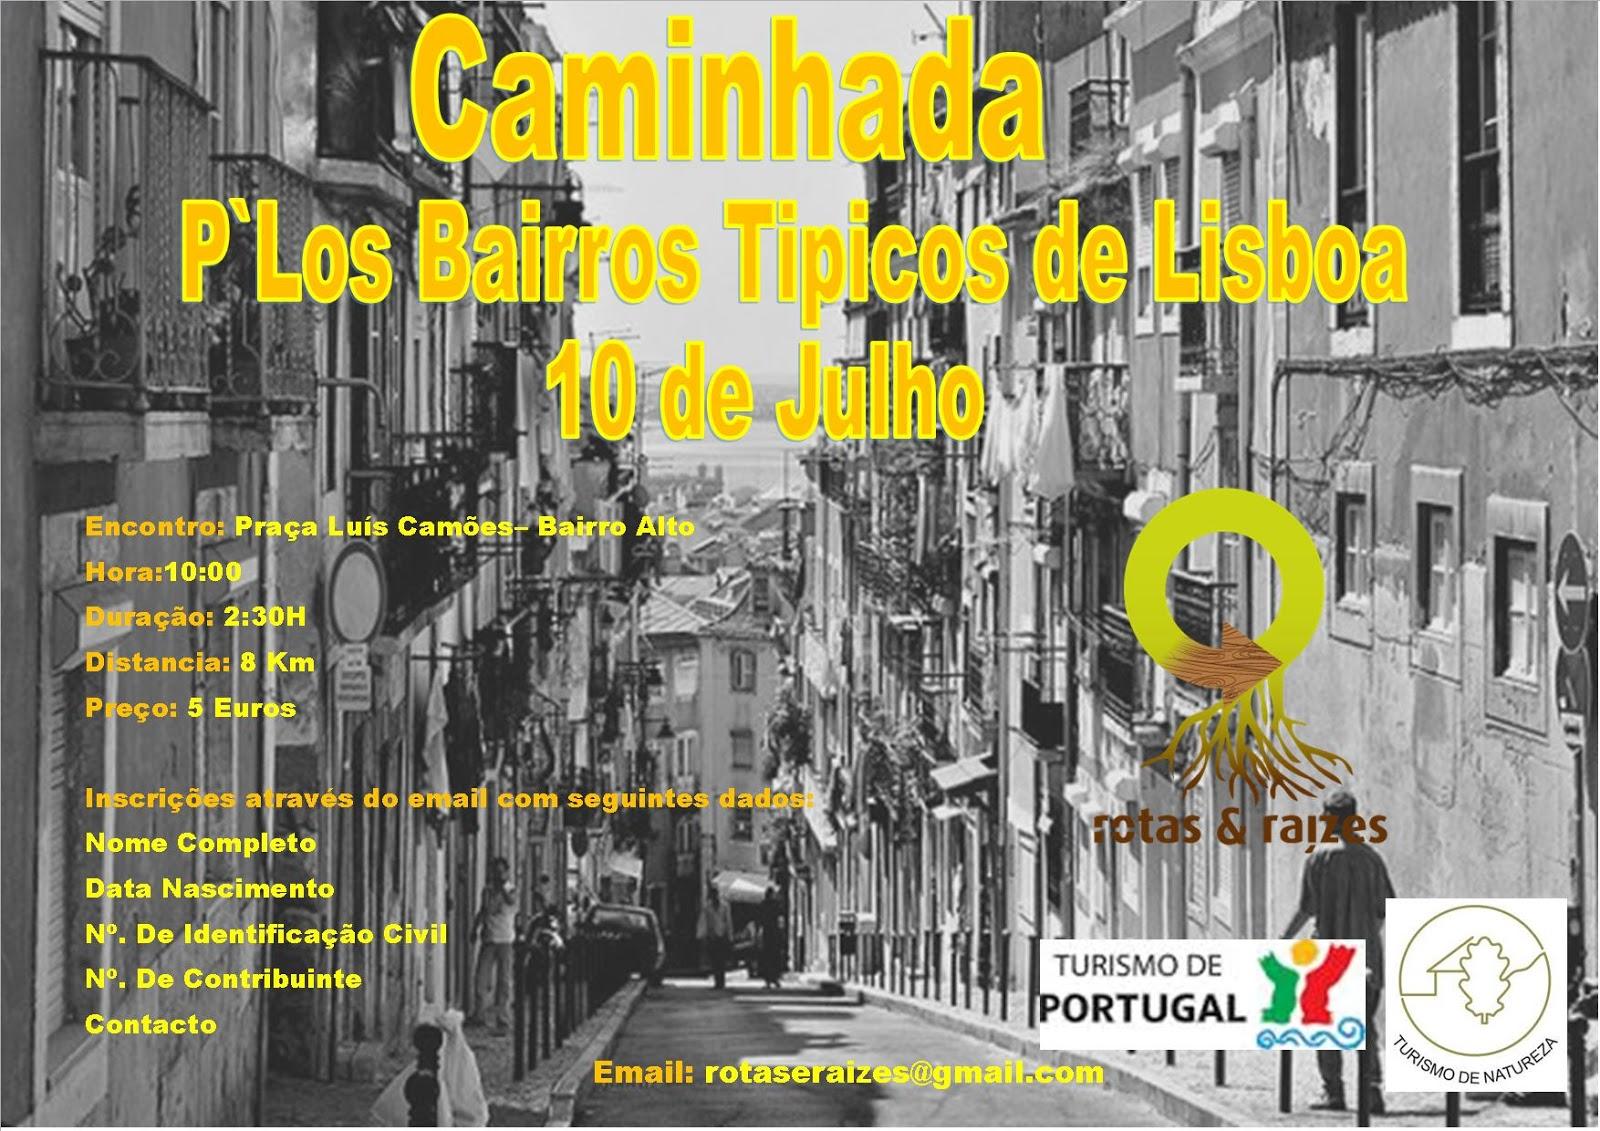 2016/07/10 - Caminhada P´los Bairros Tipicos de Lisboa Cartaz%2Bbairros%2BTipicos%2Bde%2BLisboa